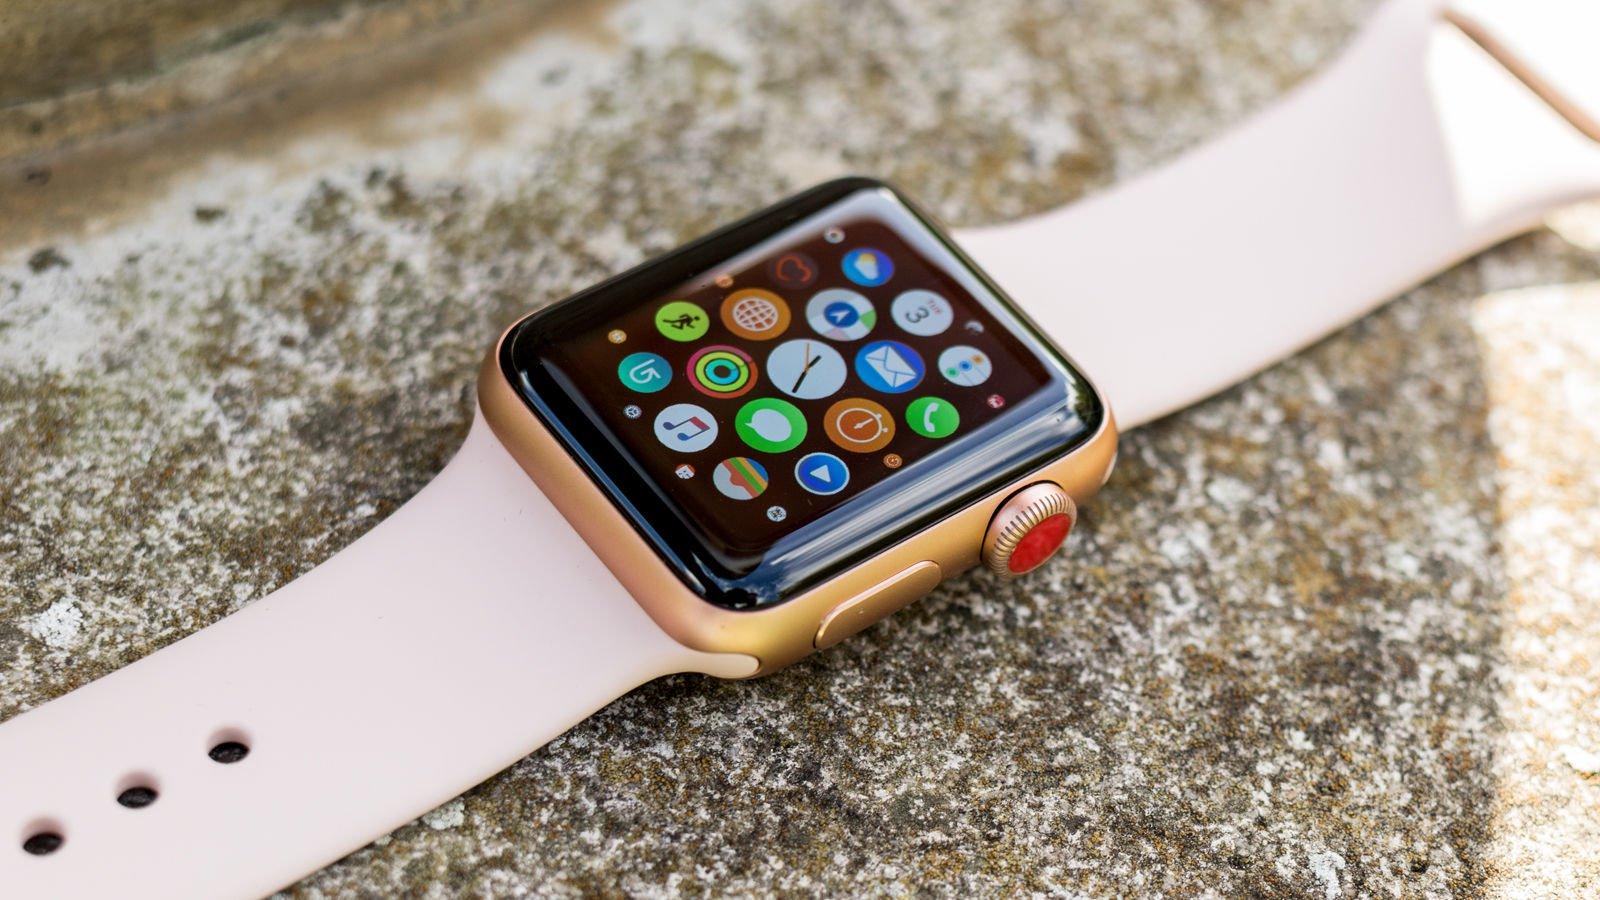 У часов такой же номер, как у iphone, поэтому вам не придётся сообщать новый номер всем родным, друзьям и коллегам.